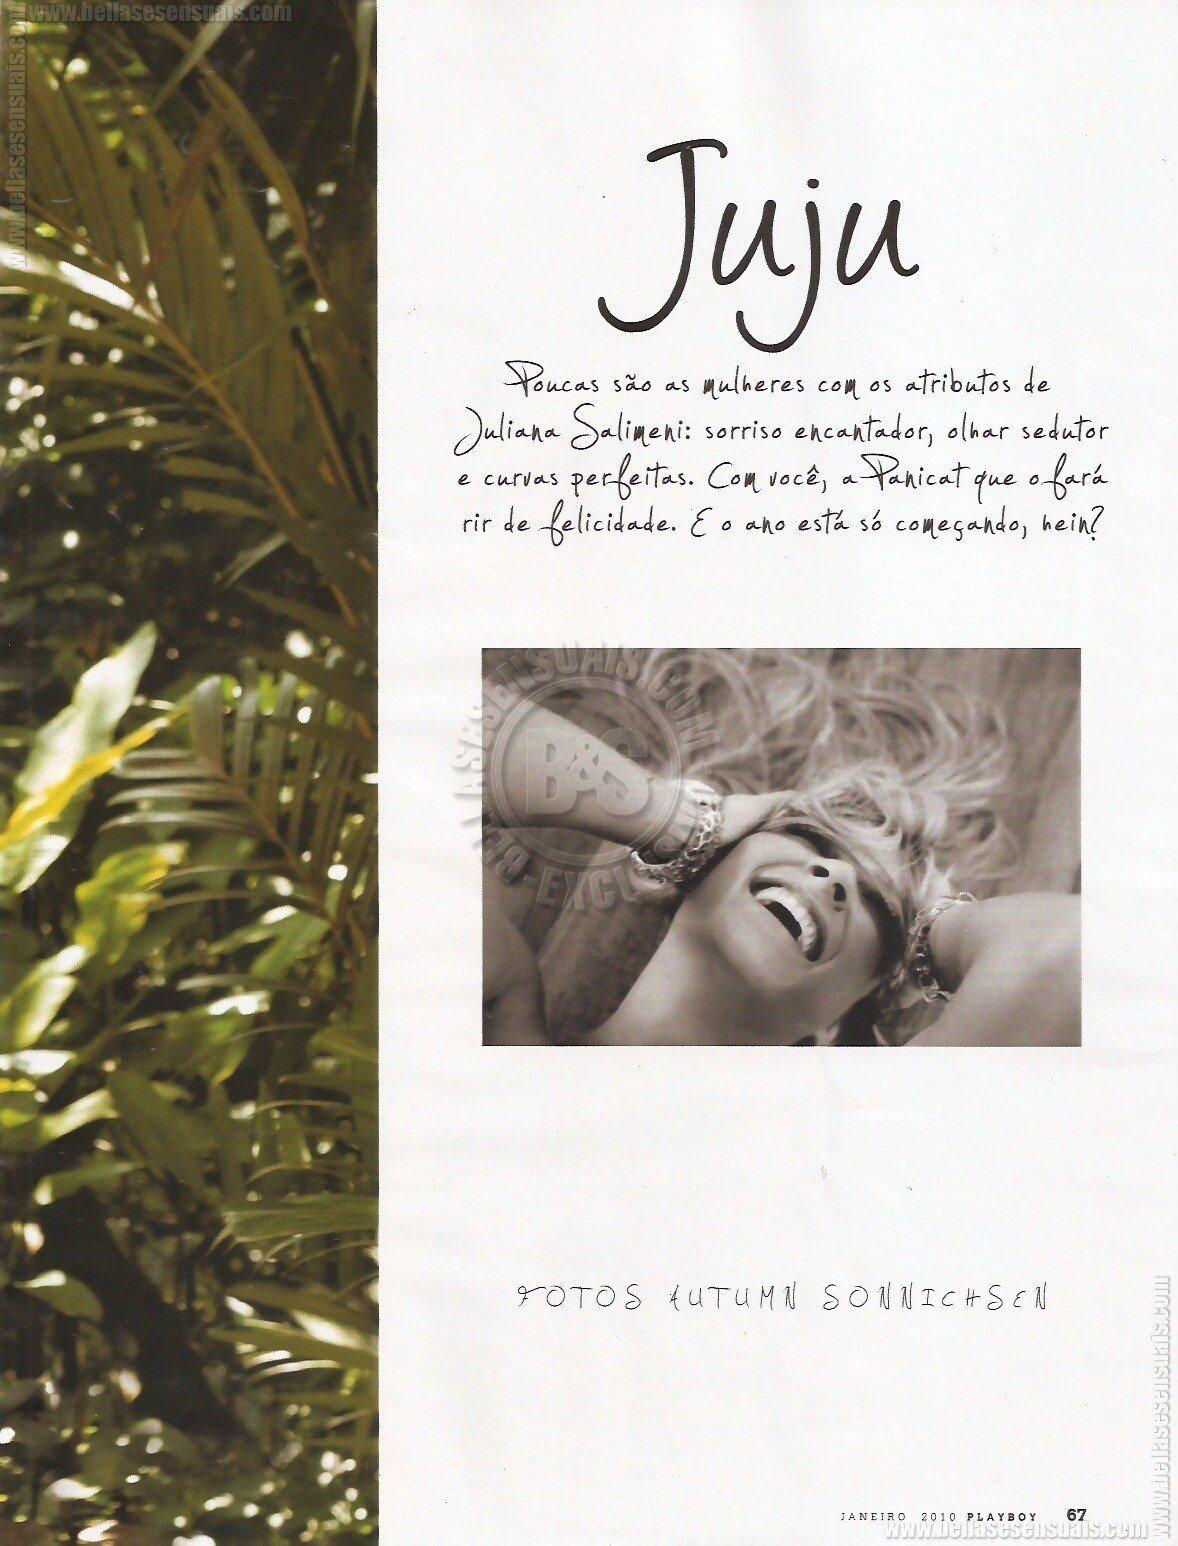 Fotos Playboy Panicat Juju Salimeni Janeiro (3)